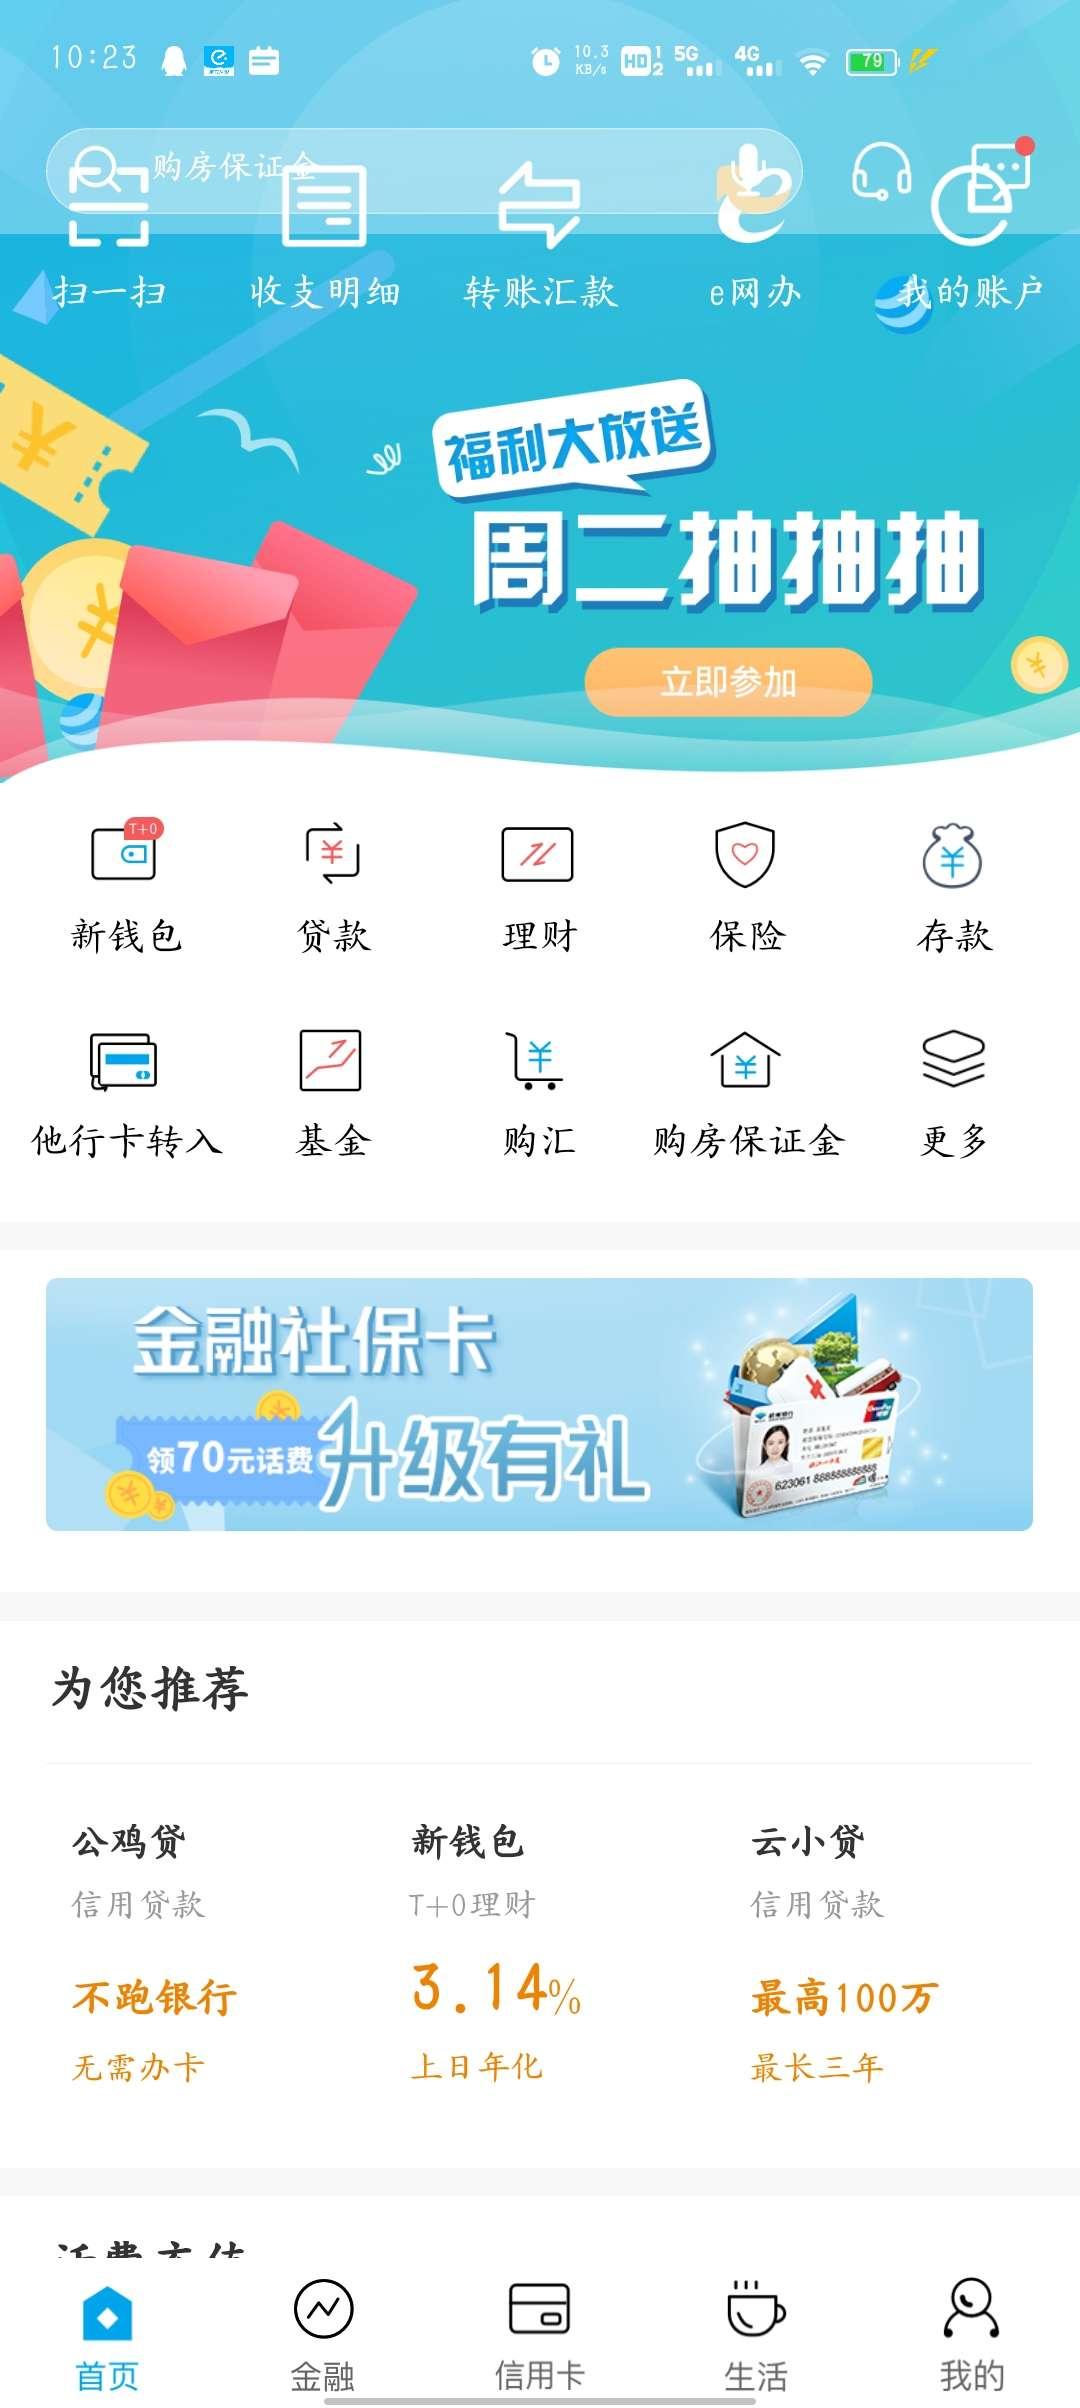 【现金红包】杭州银行周二抽现金红包插图